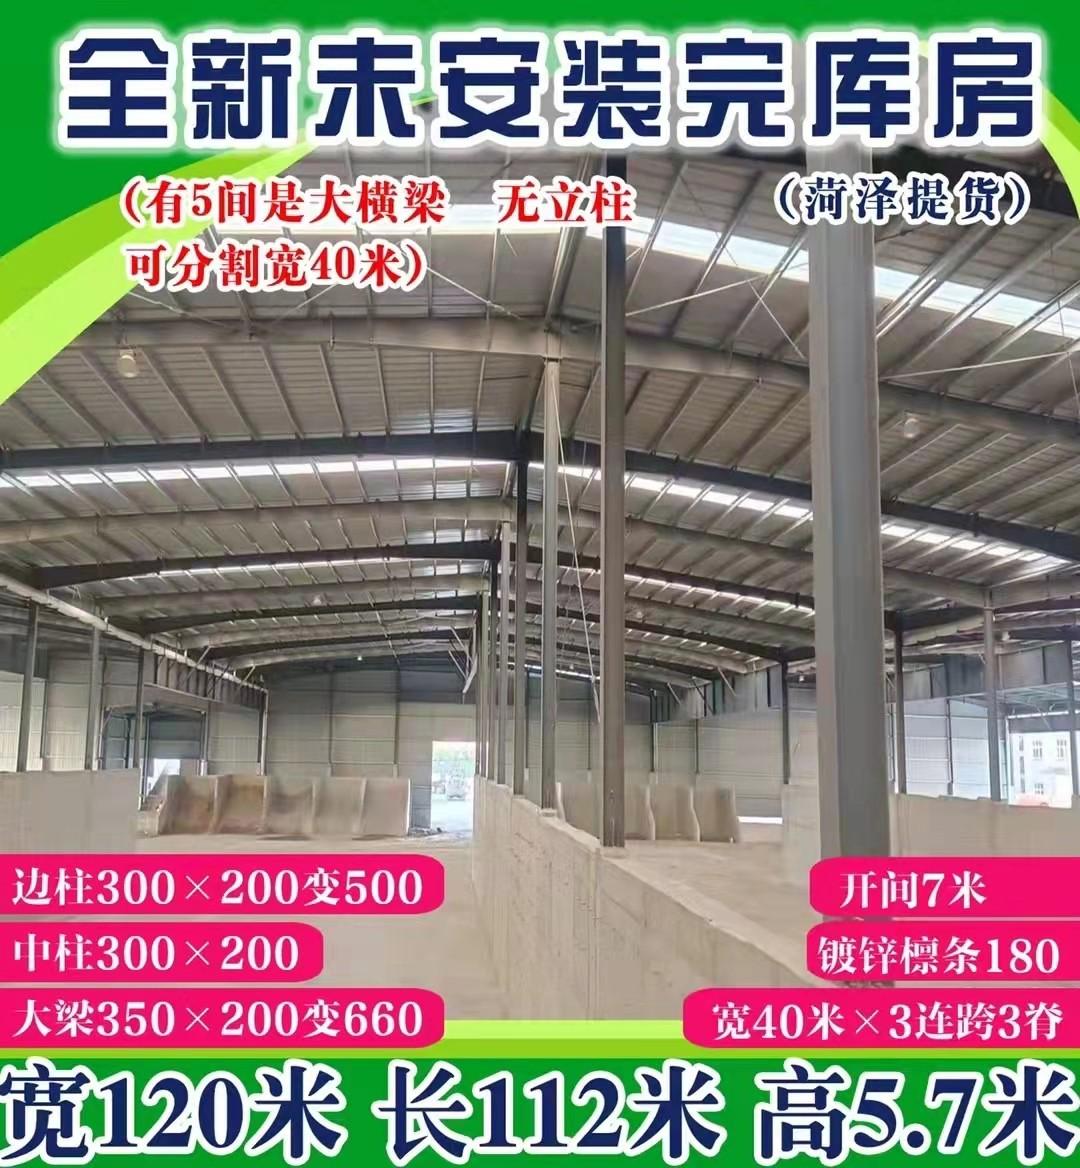 出售全新未安装完库房 宽120米×长112米×高5.7米